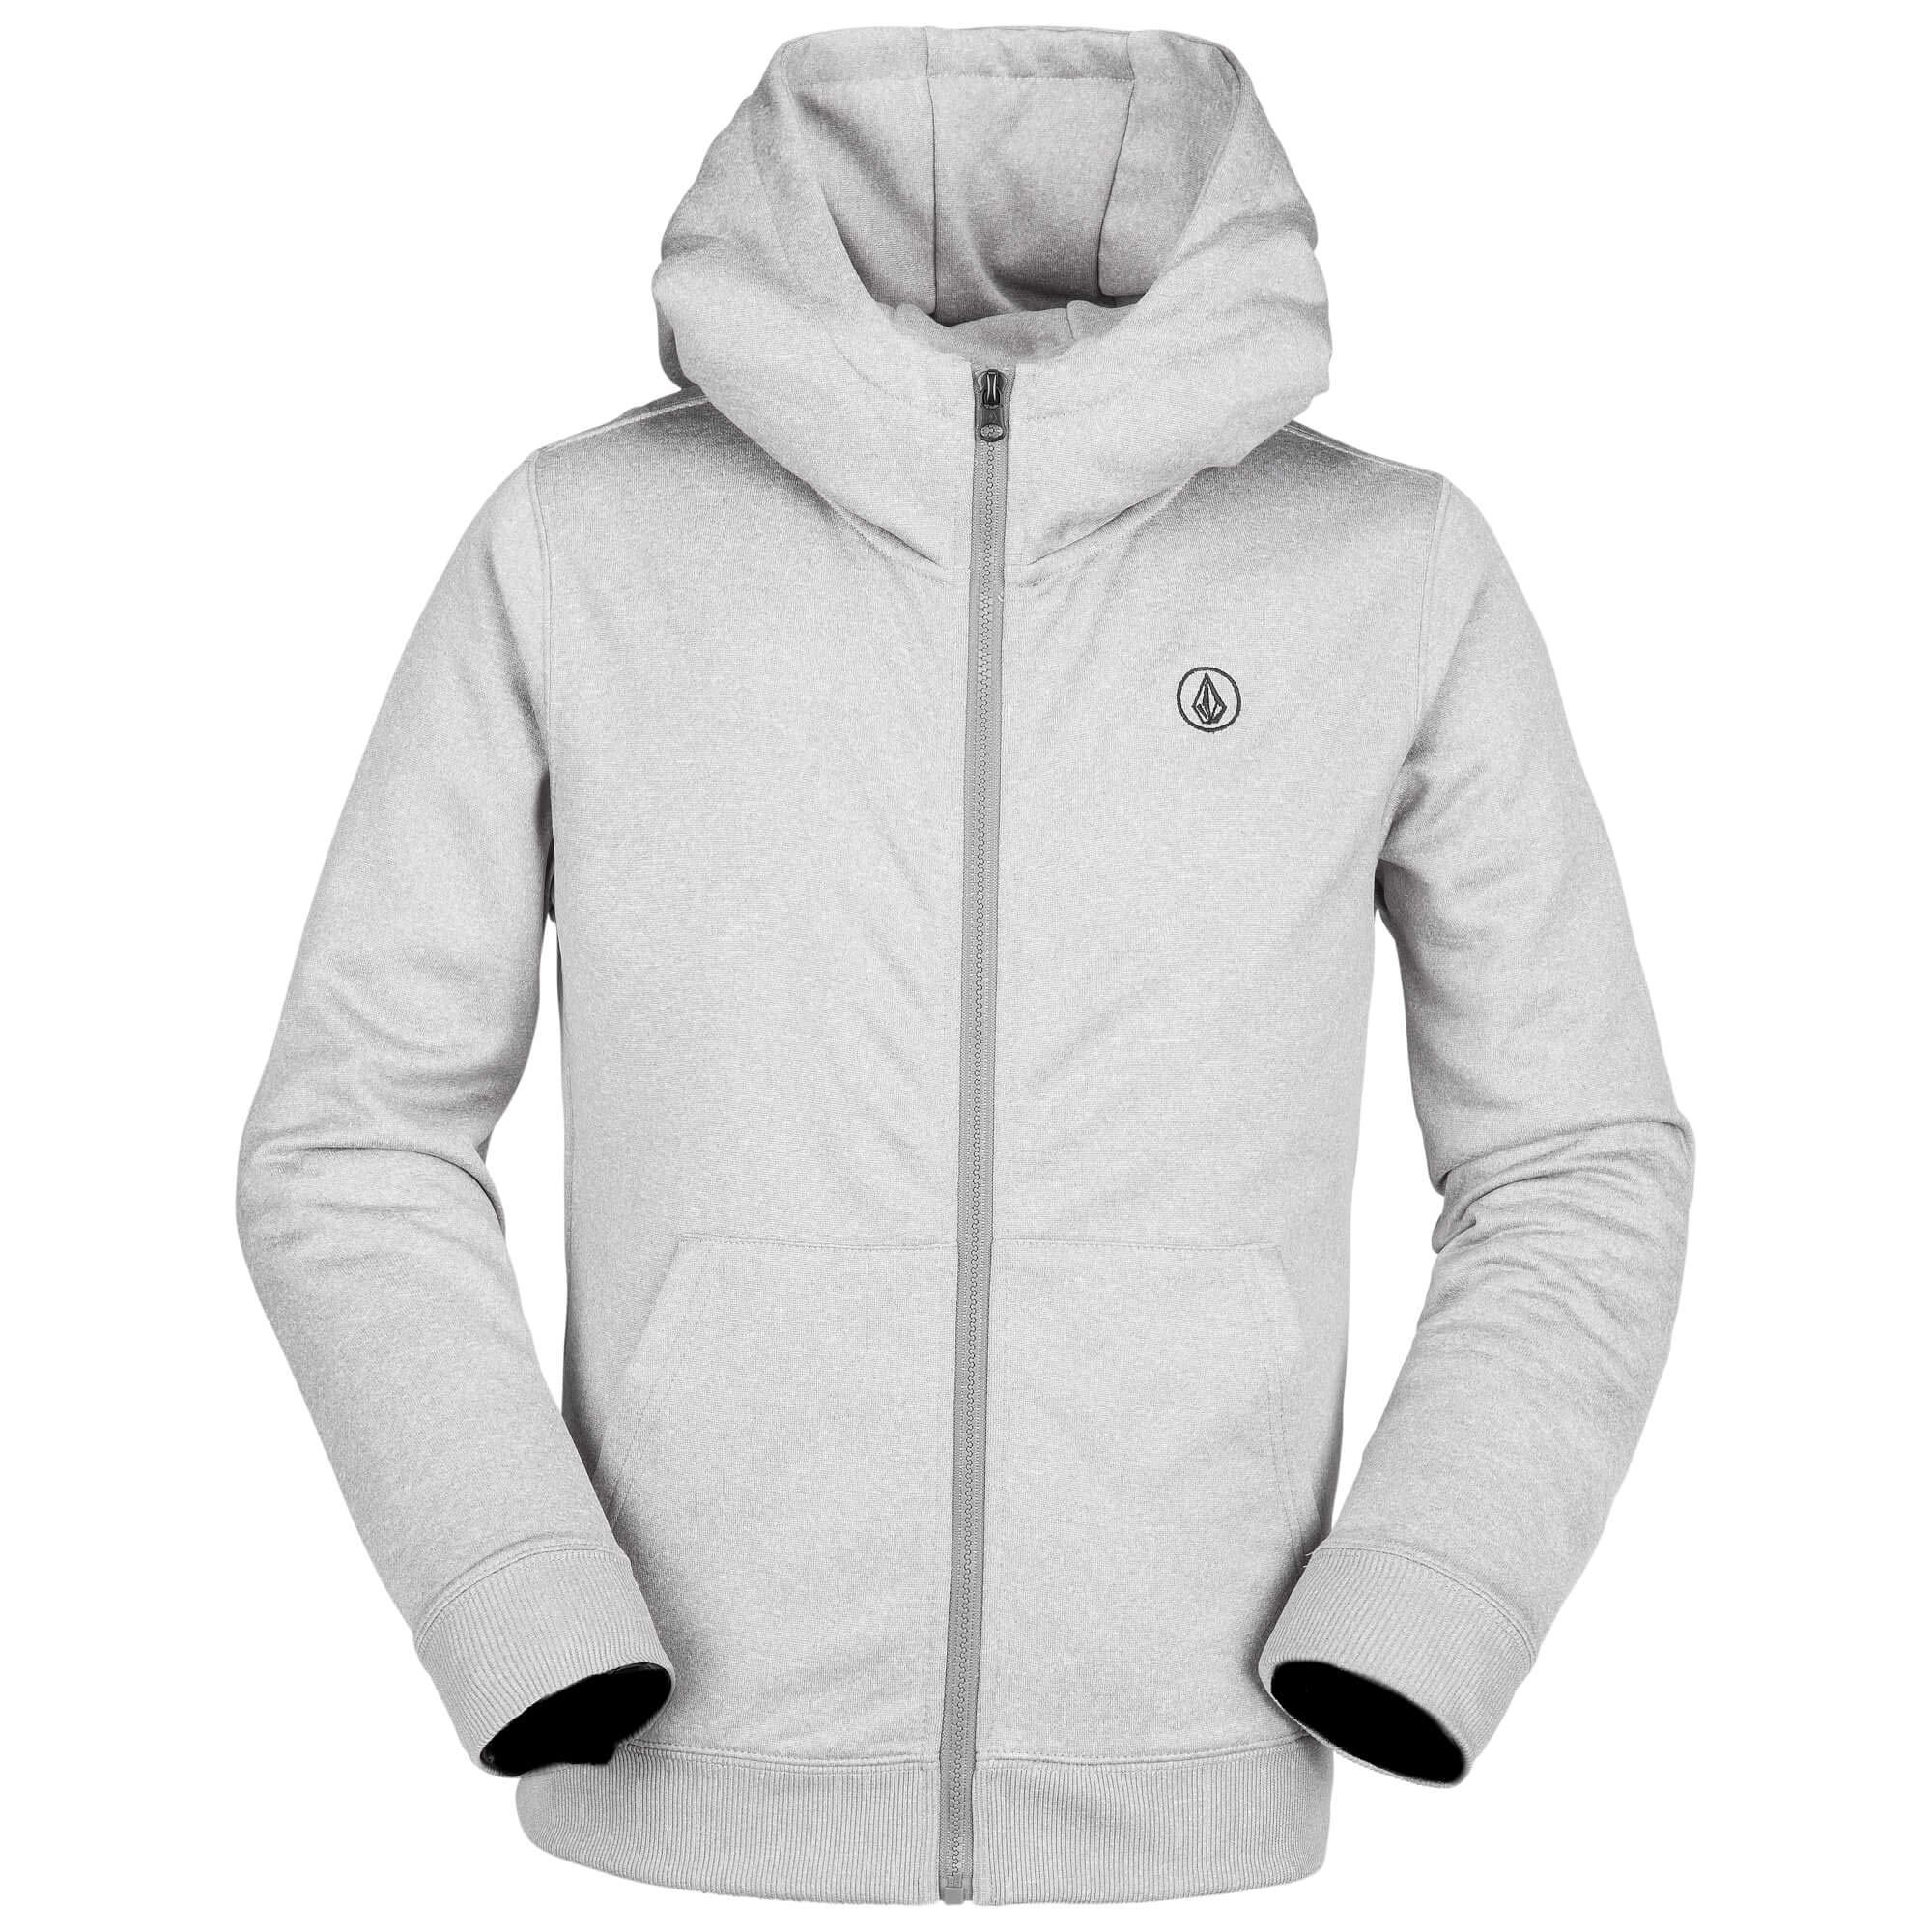 Volcom Boys Grohman 280g Hydrophobic Hooded Fleece Sweatshirt, Heather Grey Large